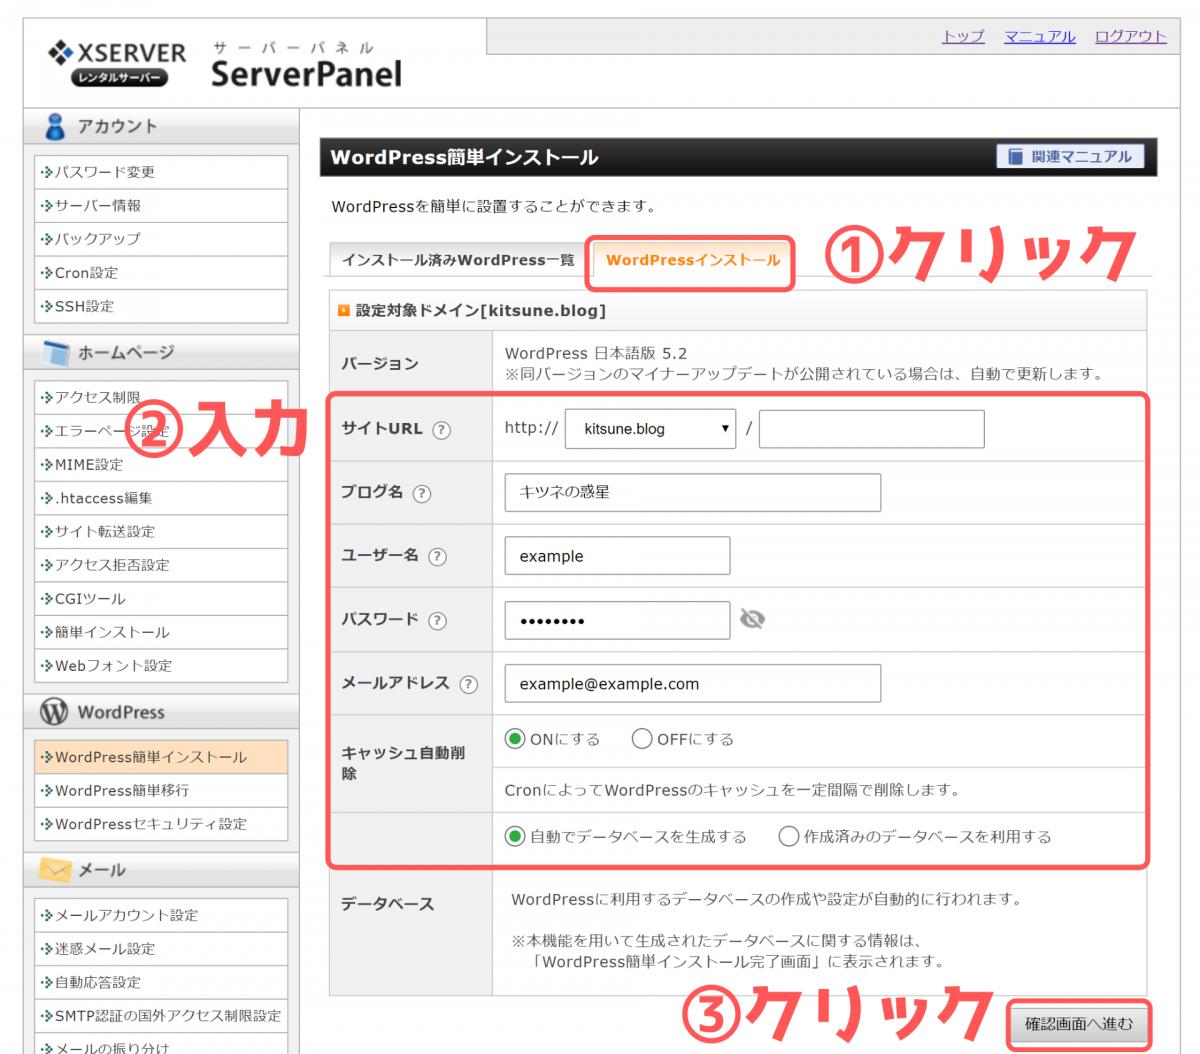 【エックスサーバー】WordPress簡単インストール画面